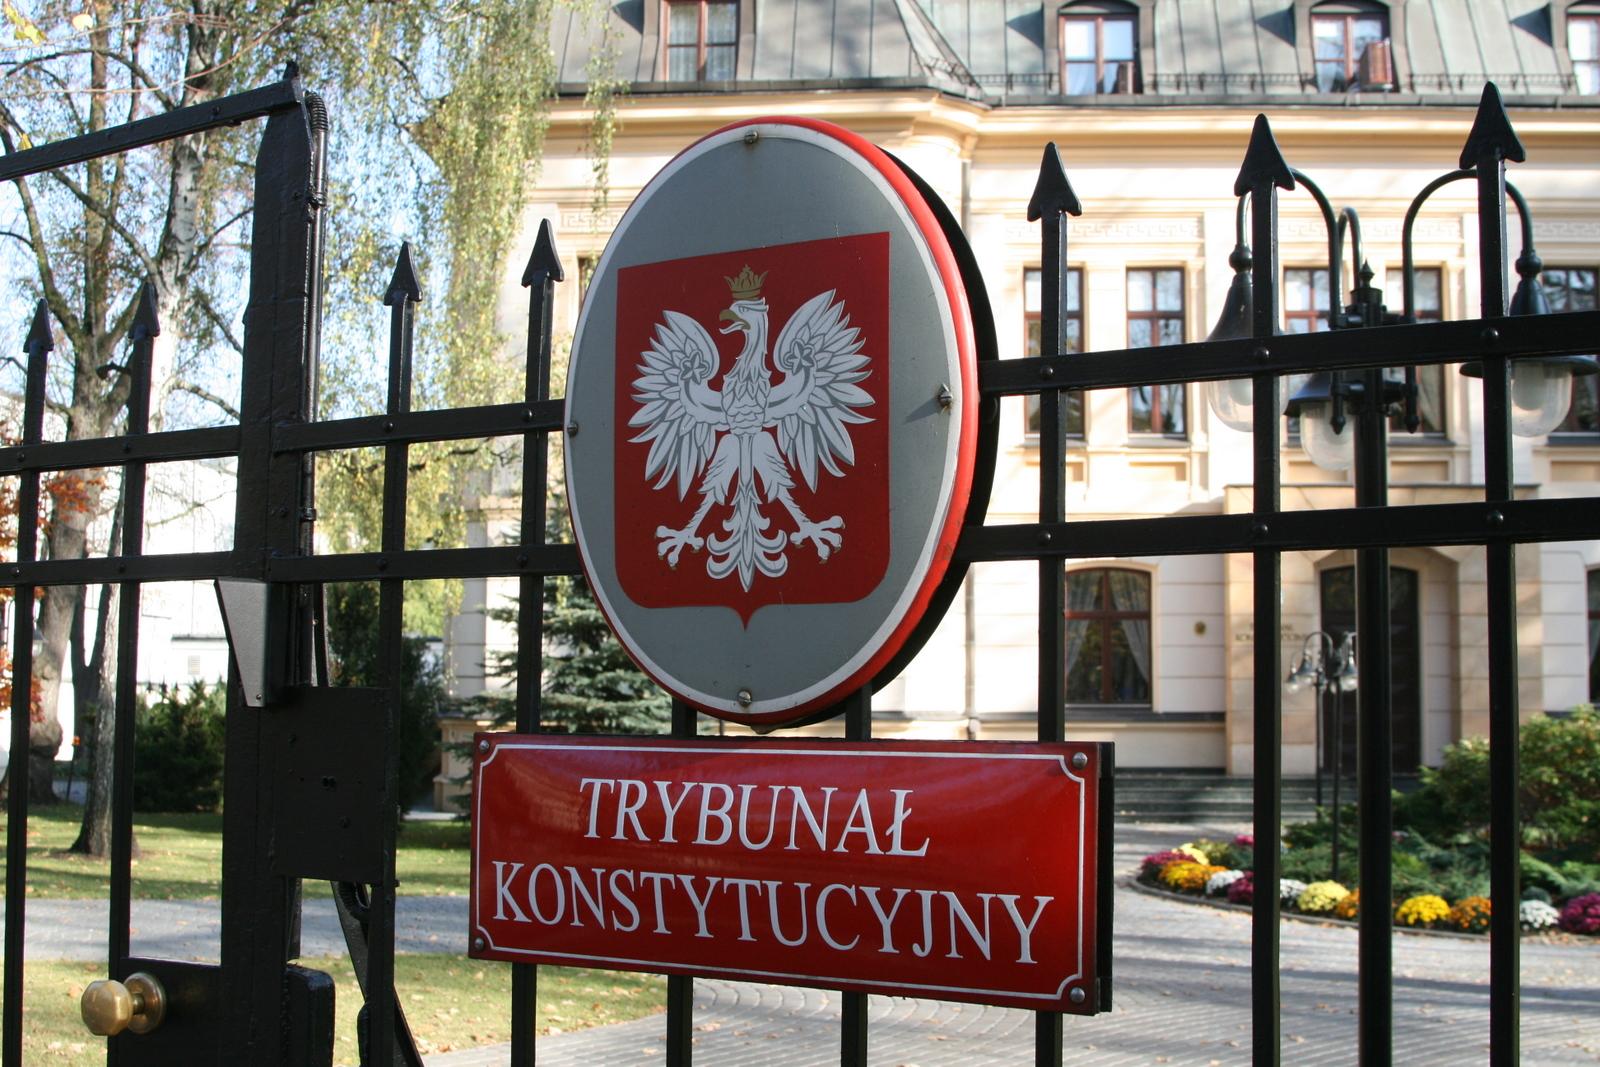 Prawo krajowe a unijne - wyrok Trybunału Konstytucyjnego